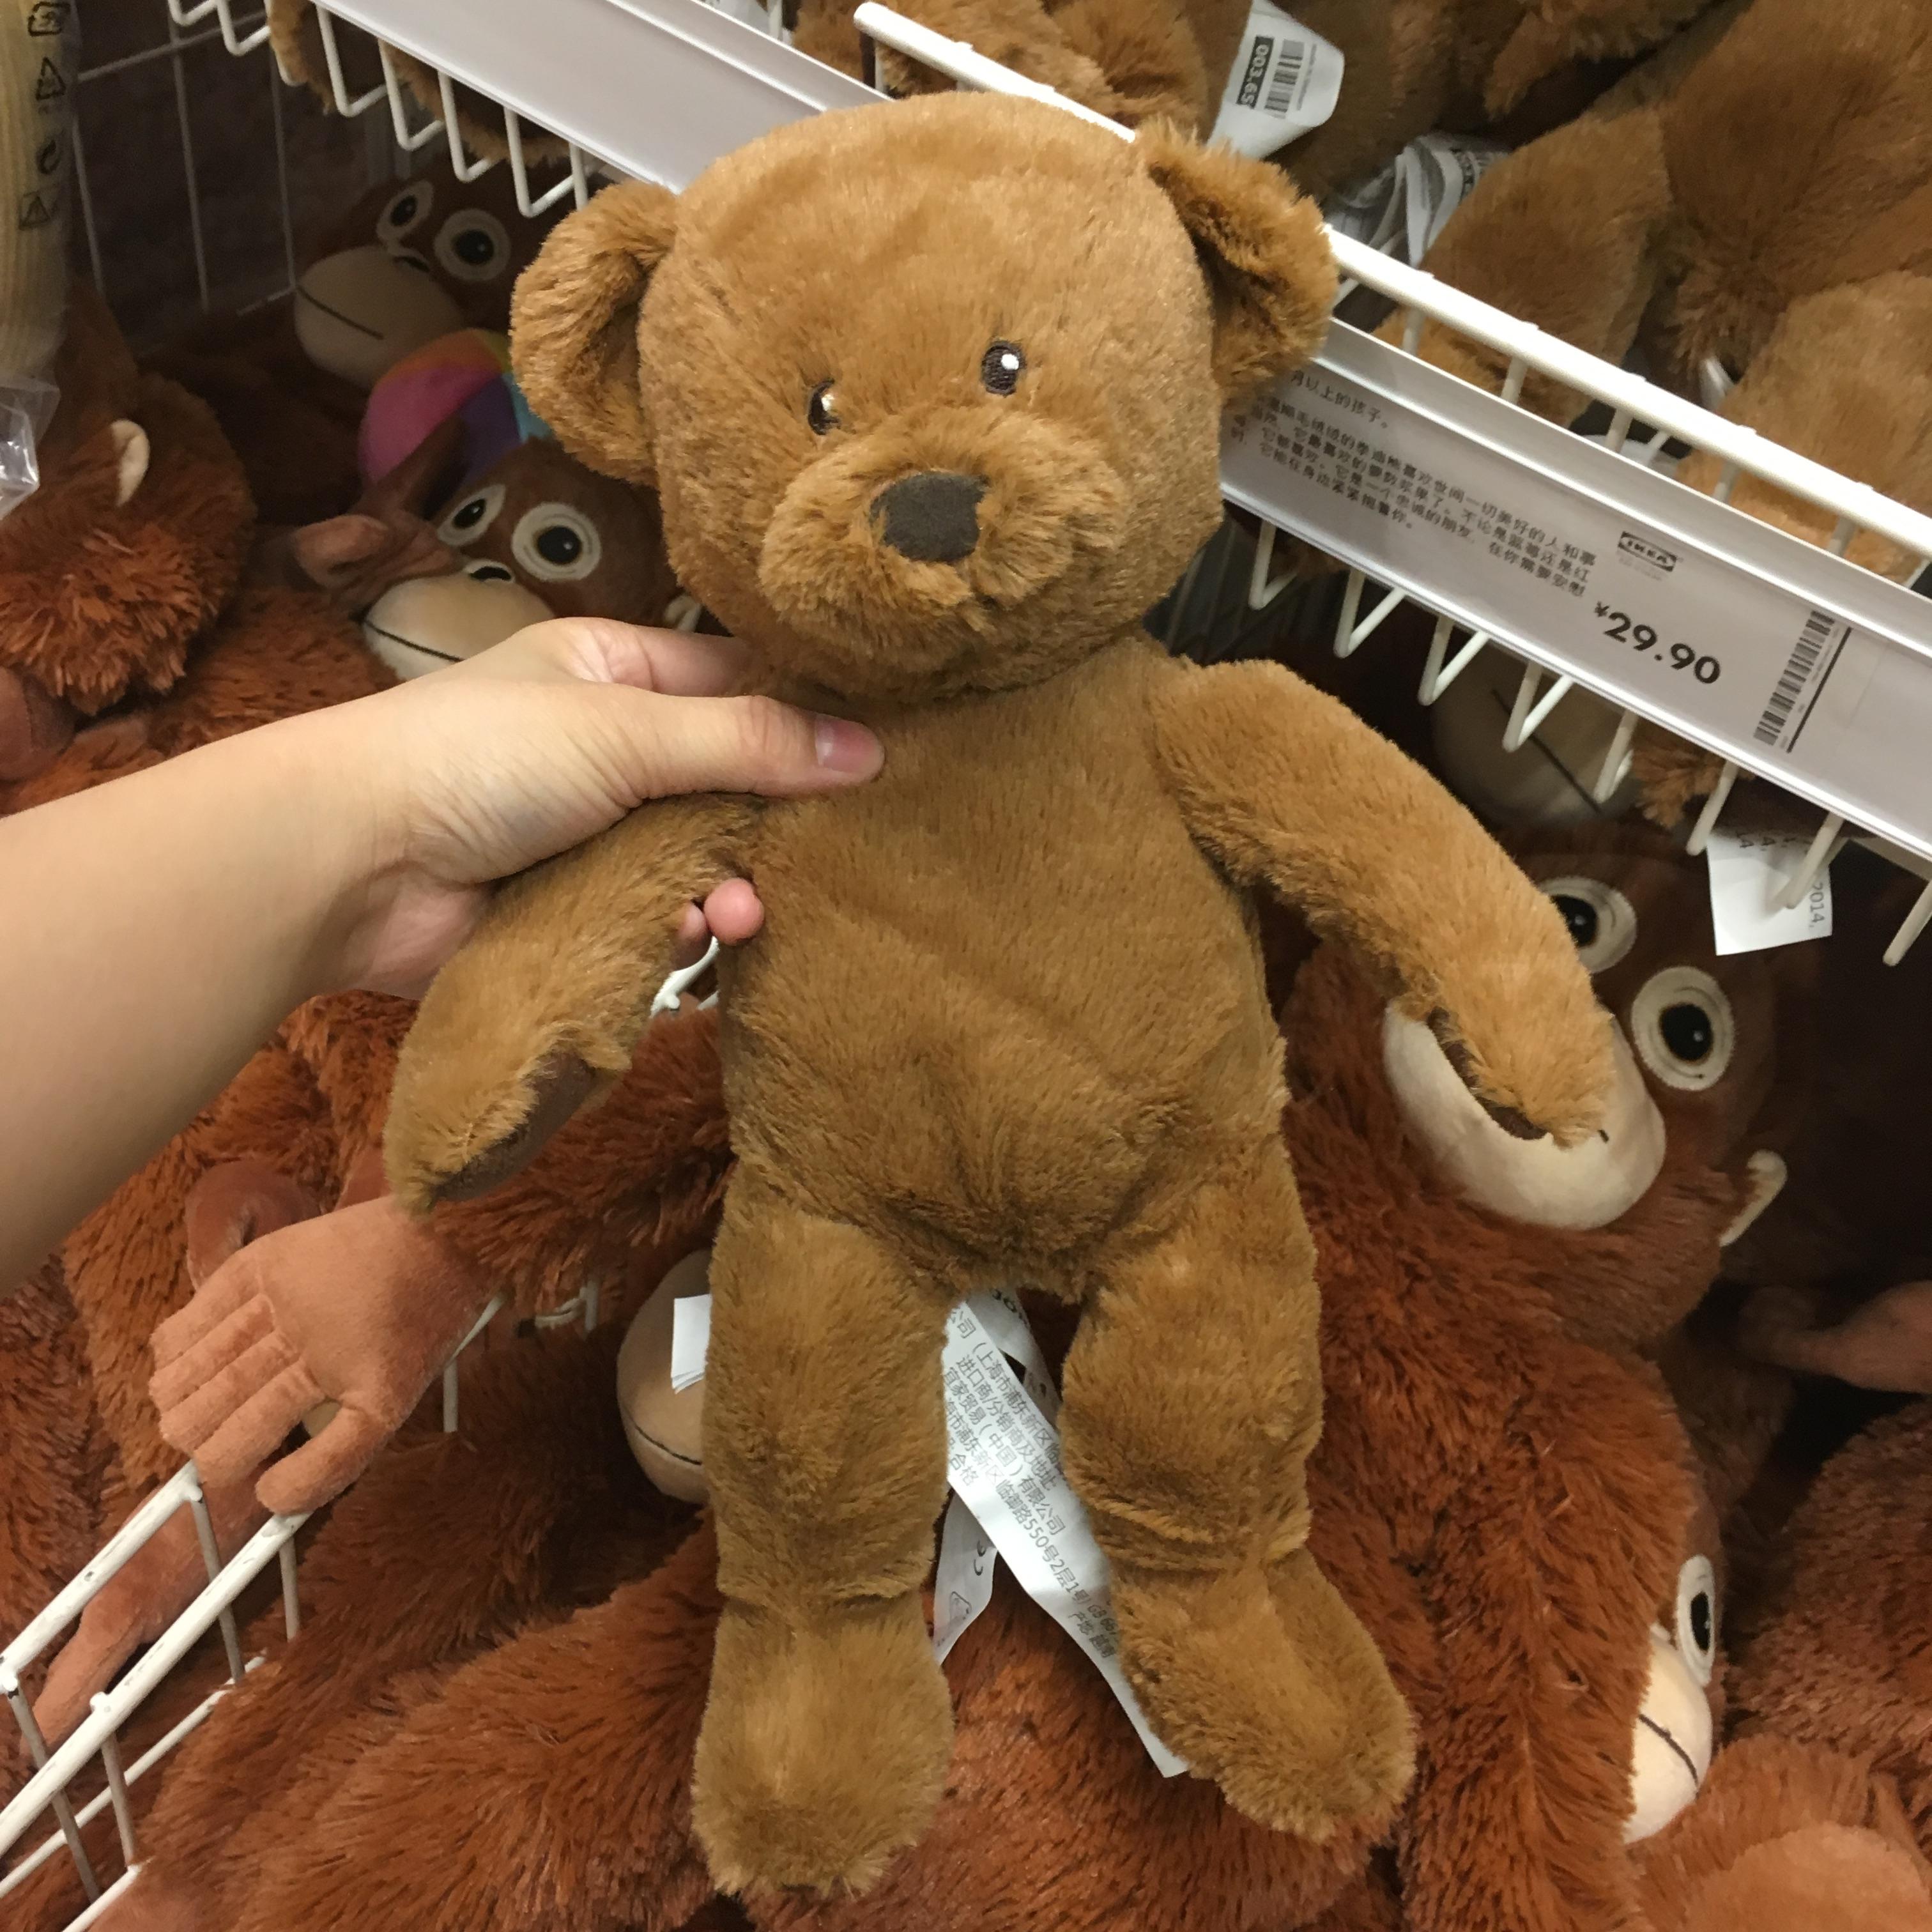 包邮ikea宜家毛绒玩具熊小熊教程陪伴玩具过家家儿童国内代购proe玩具玩具图片